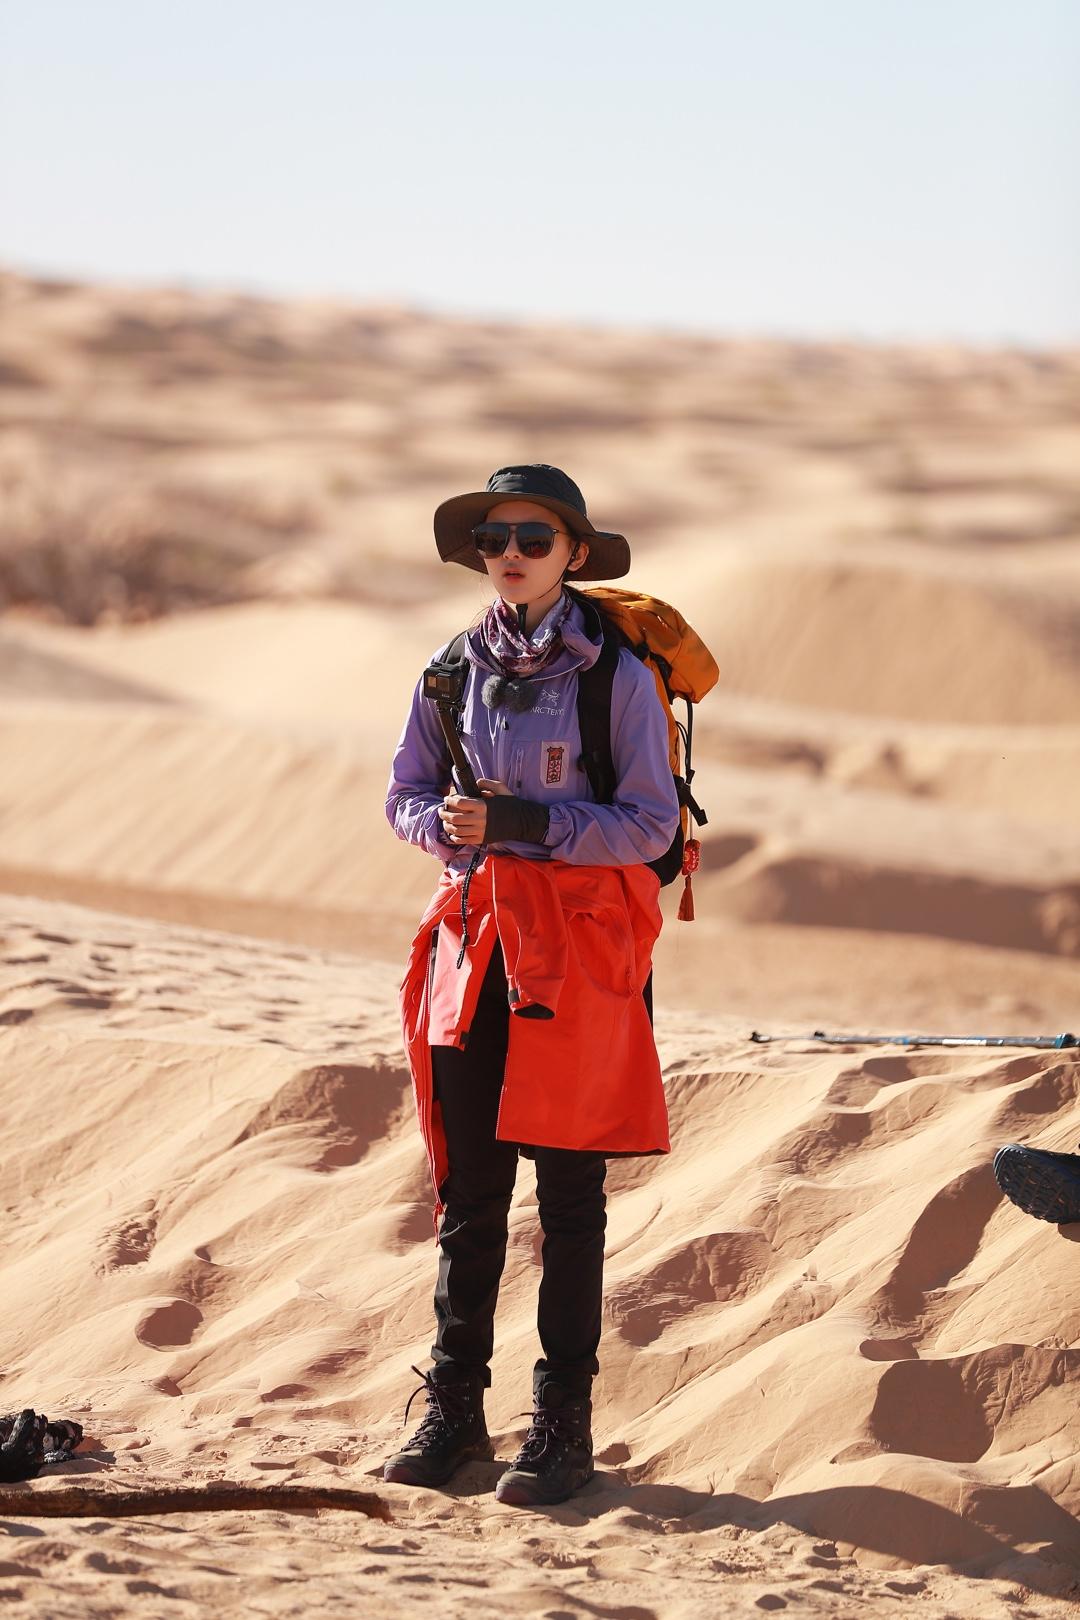 横冲直撞这个词简直是为我量身定做的🤪这一站到了沙漠,从来没去过感觉很刺激哈哈🤔沙漠里的我就是探险家本人啦!挑战自己😎 在这里大宽檐帽子和墨镜真的好实用哦,不然好像真的挡不住疯狂的风沙和太阳。虽然穿的是防风衣我也要美美滴,橘色给我活力😬今tia也要加油鸭!!💪